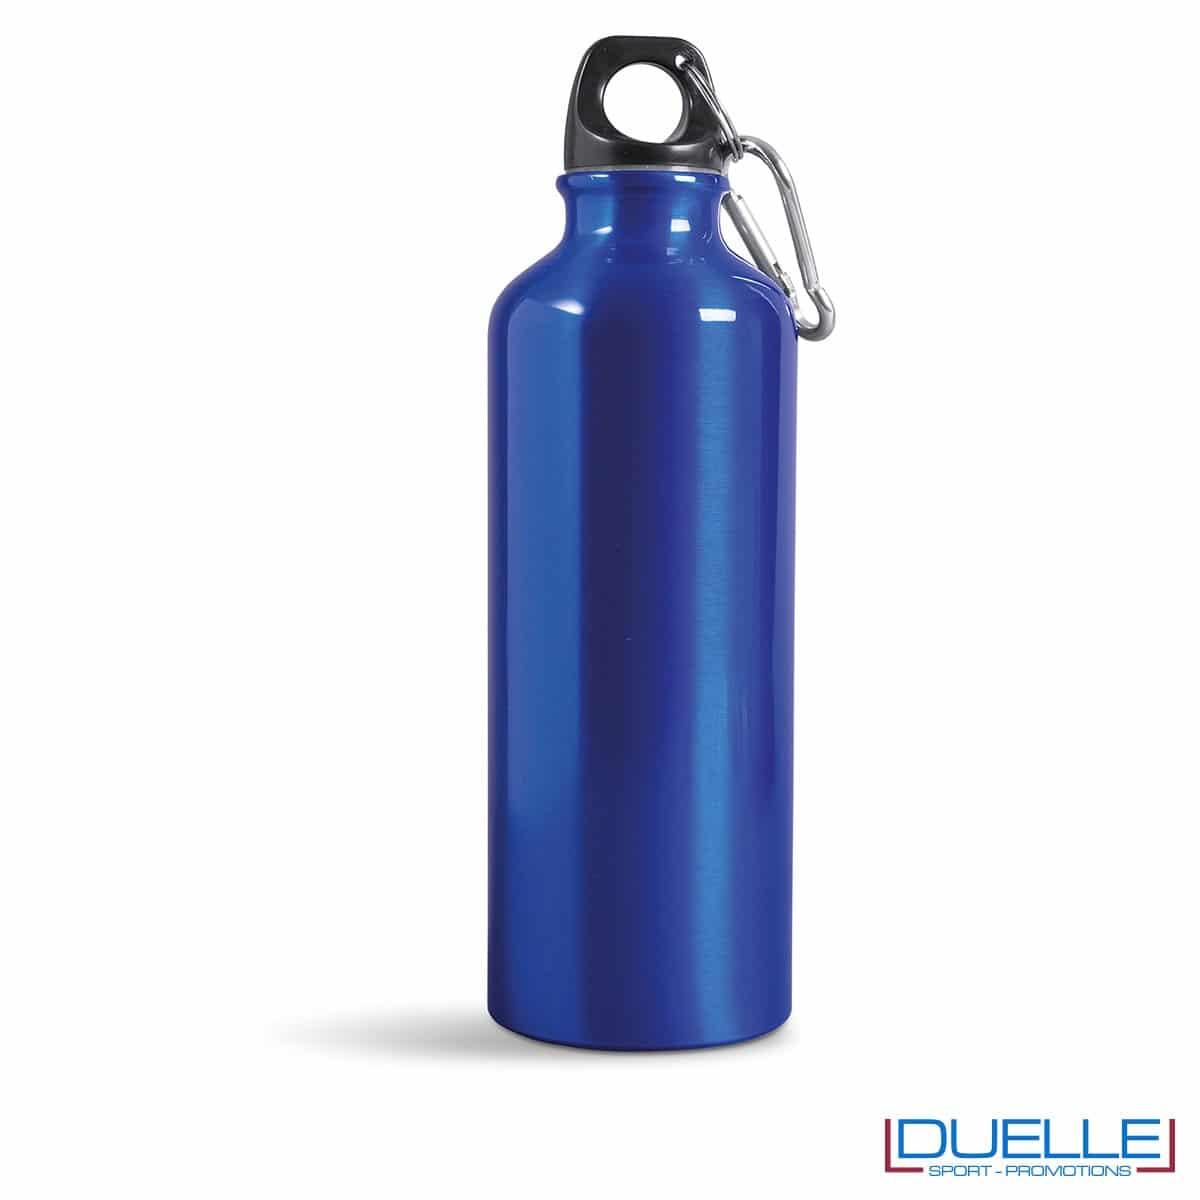 borraccia 500ml in colore blu personalizzata